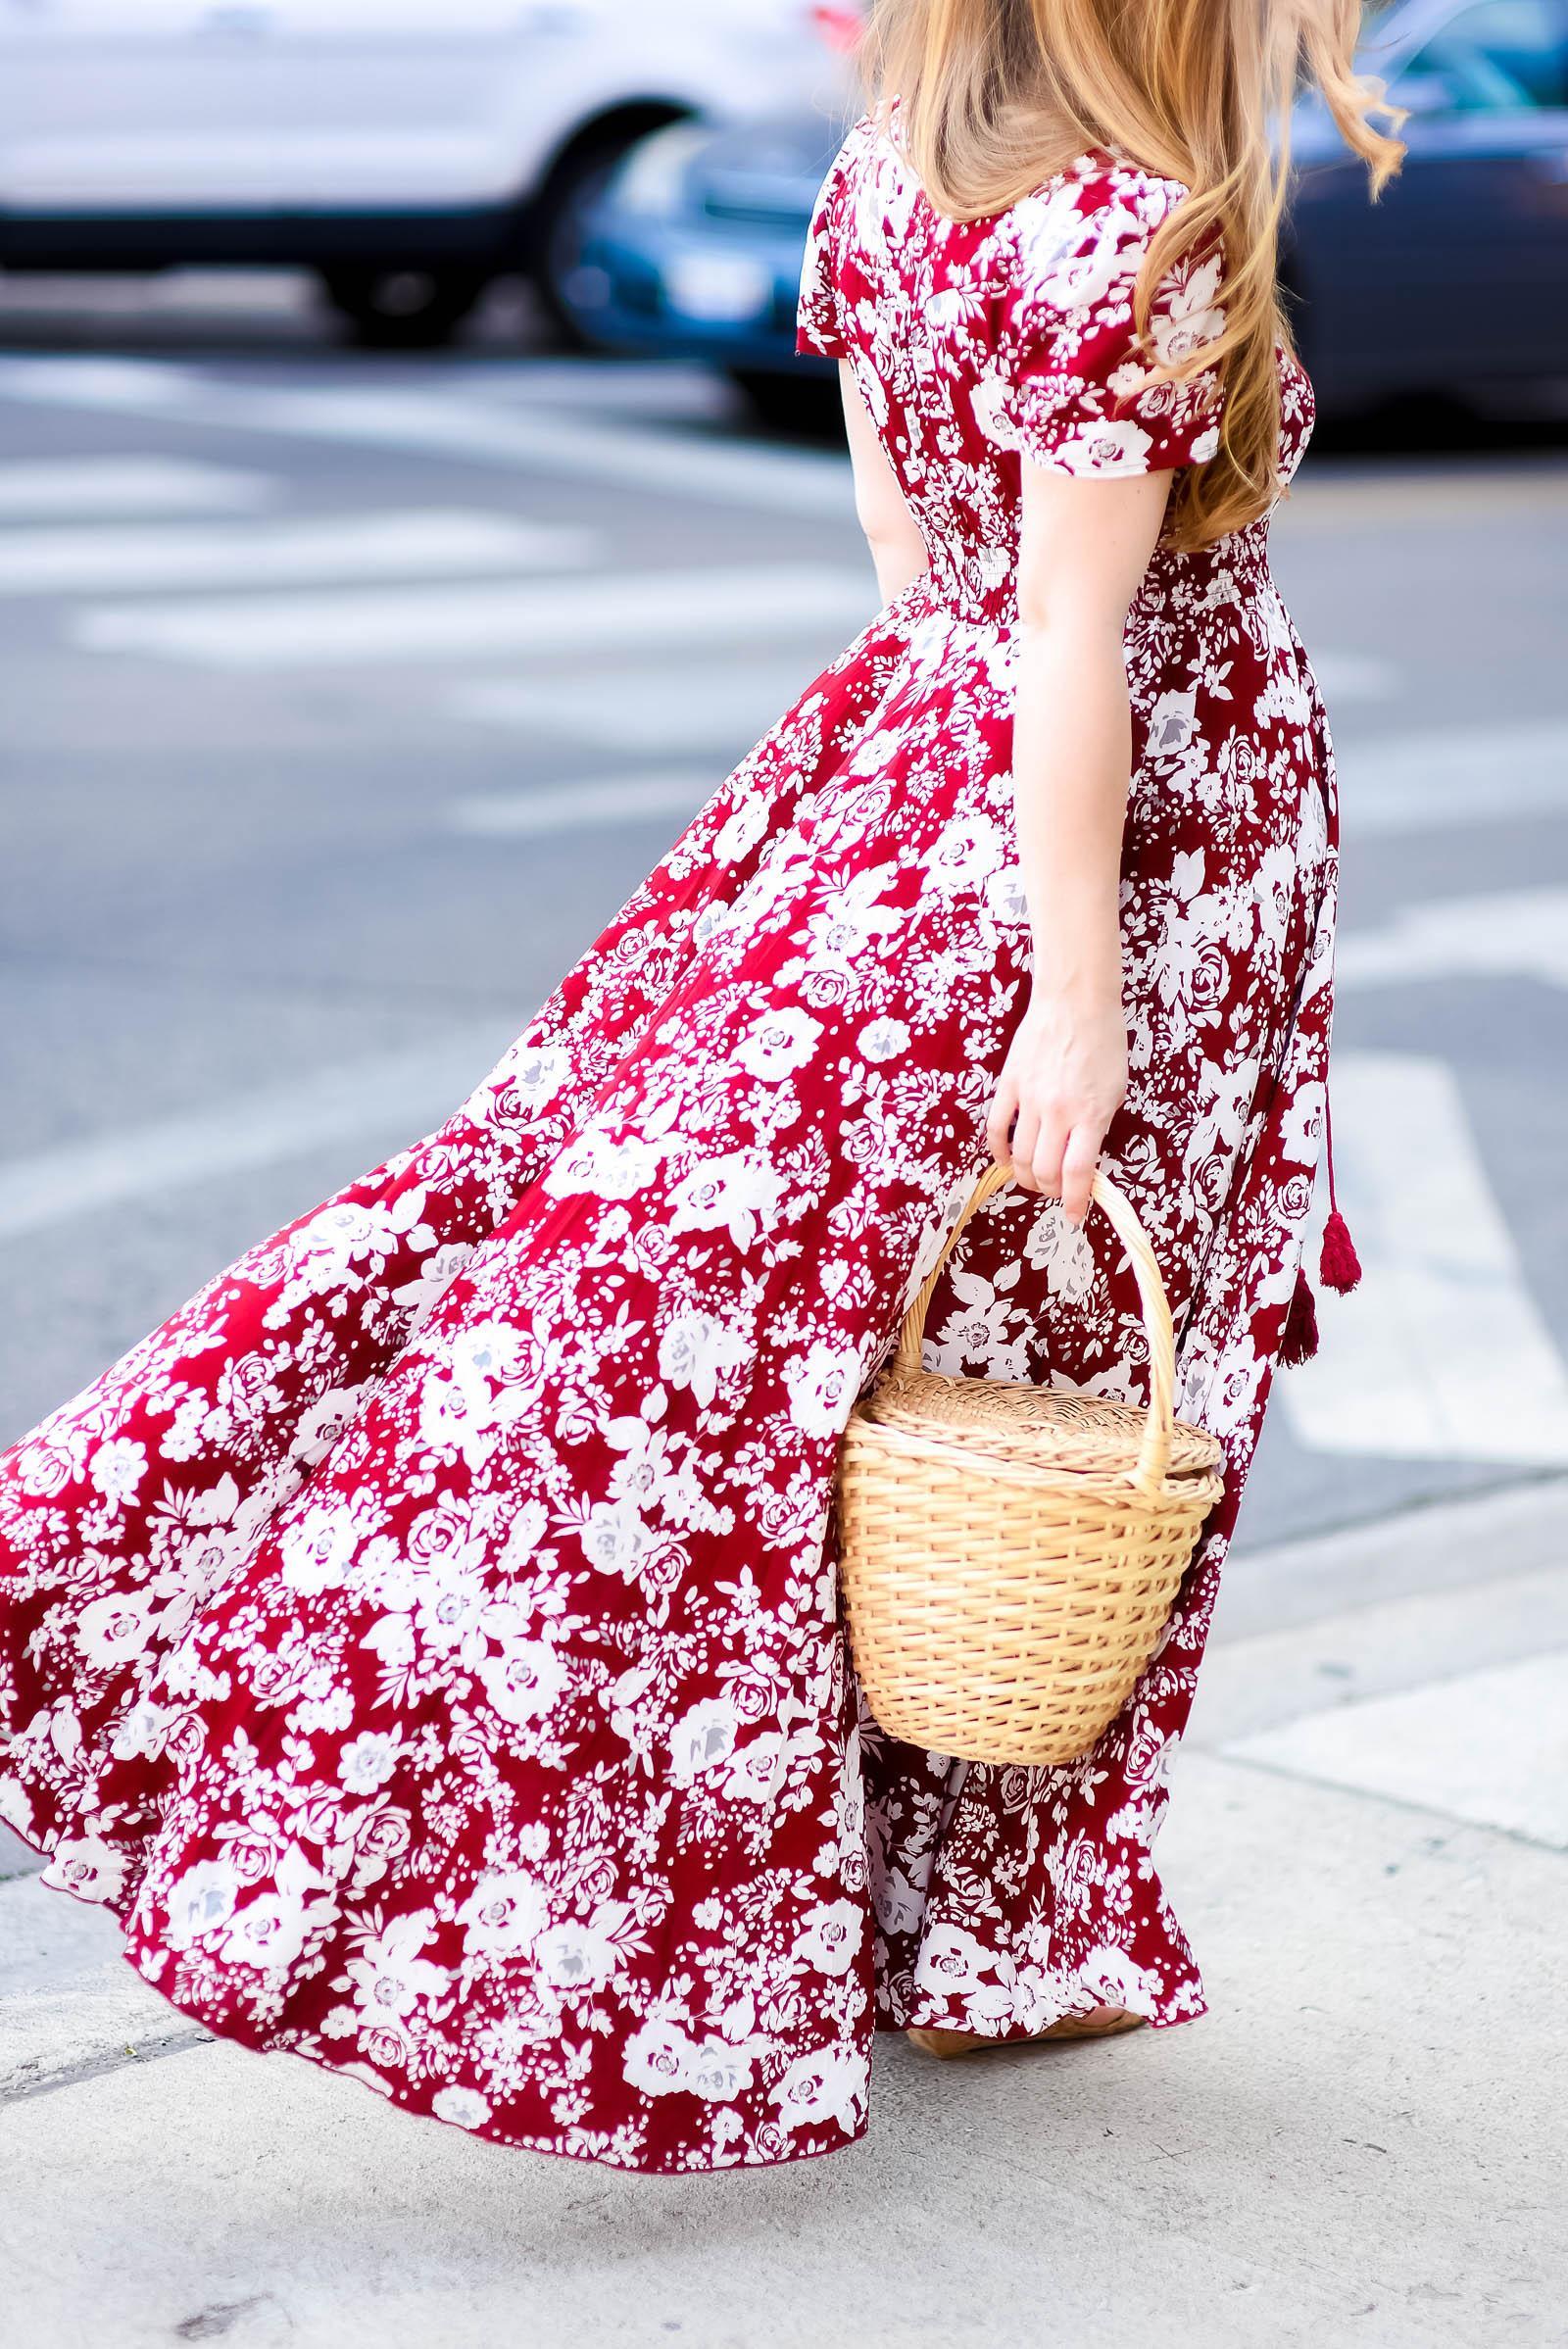 Burgundy Floral Maxi Dress Basket Bag Style